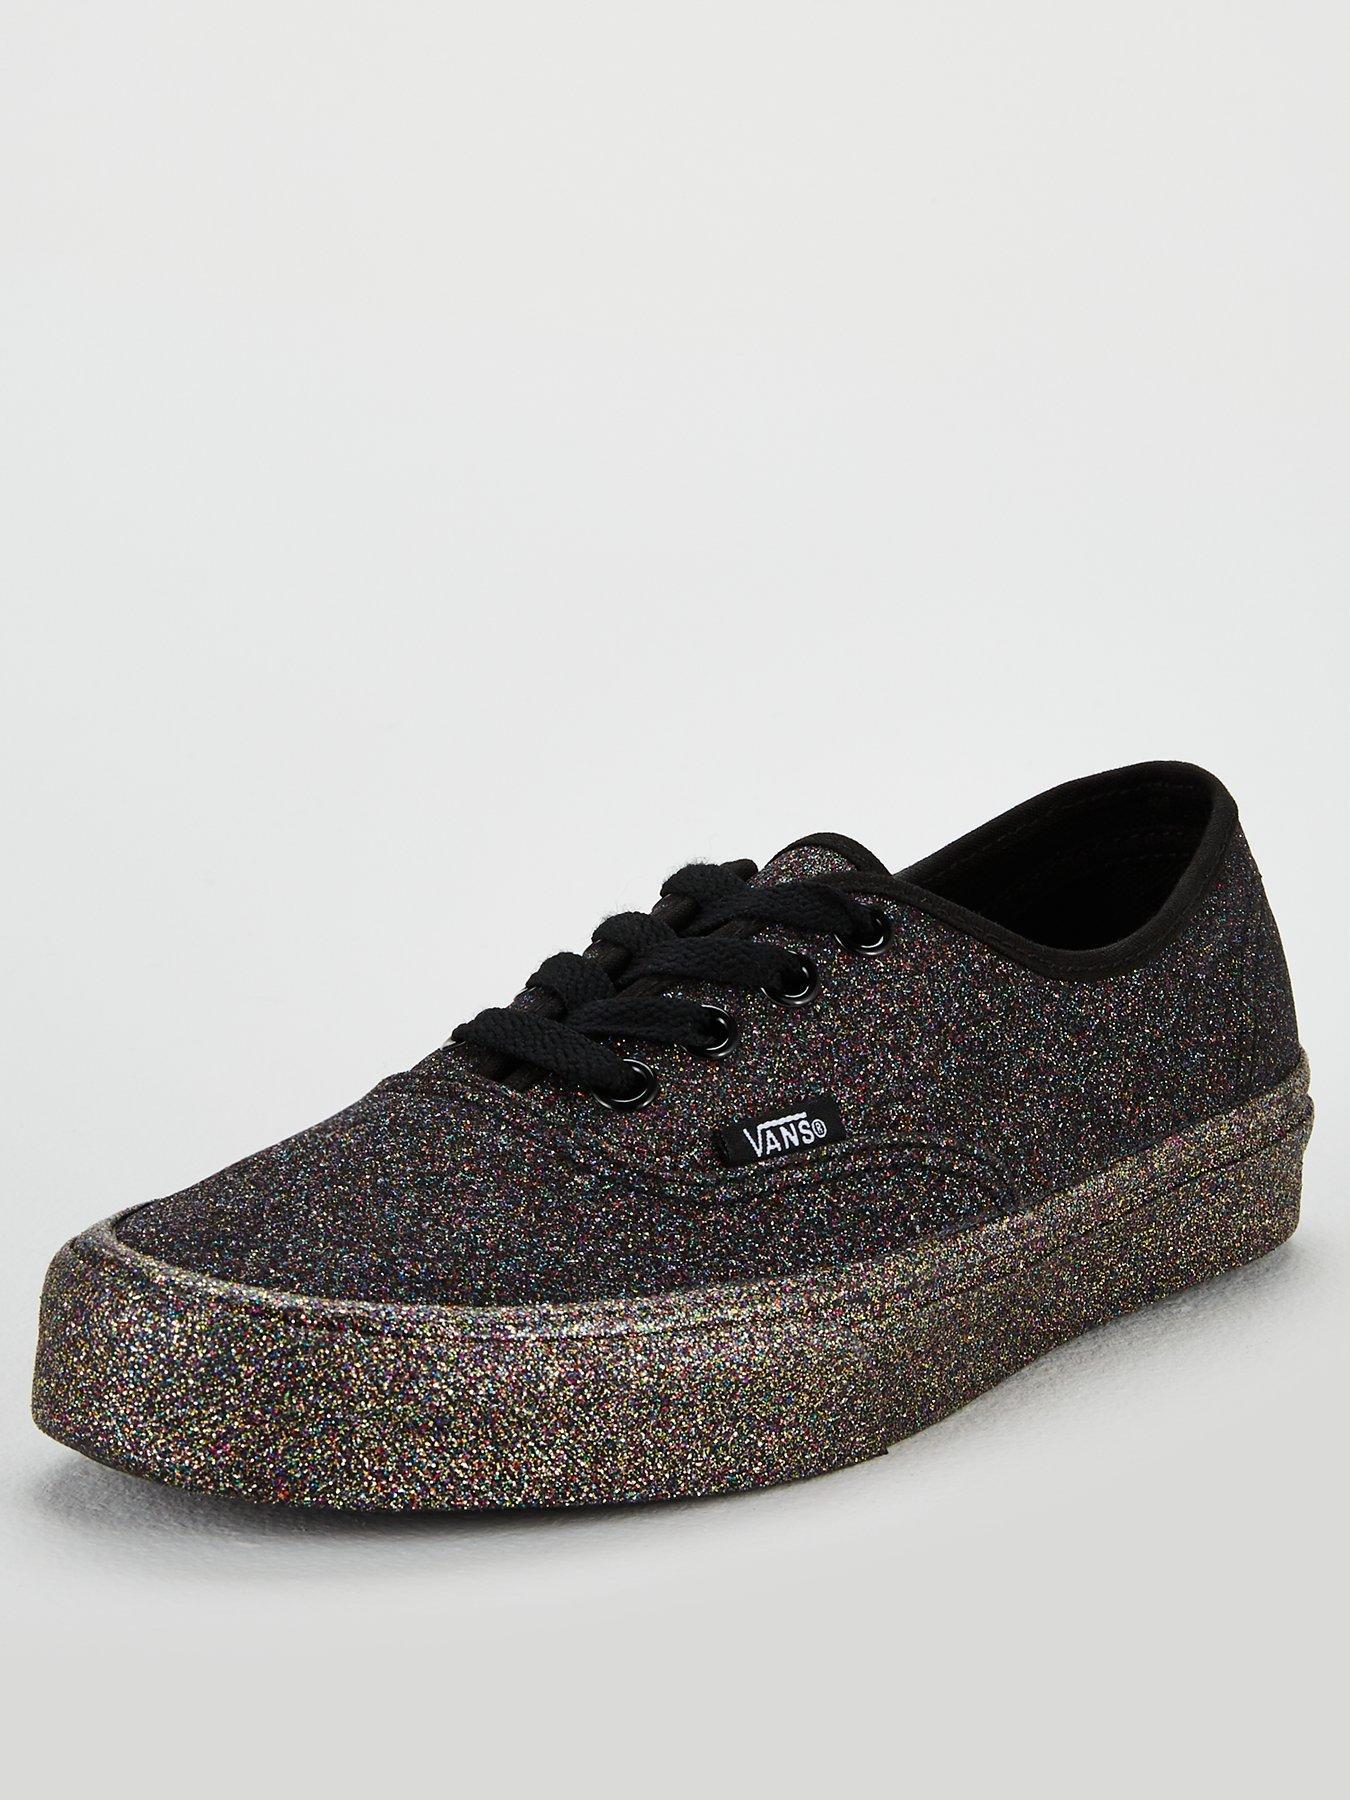 vans black glitter